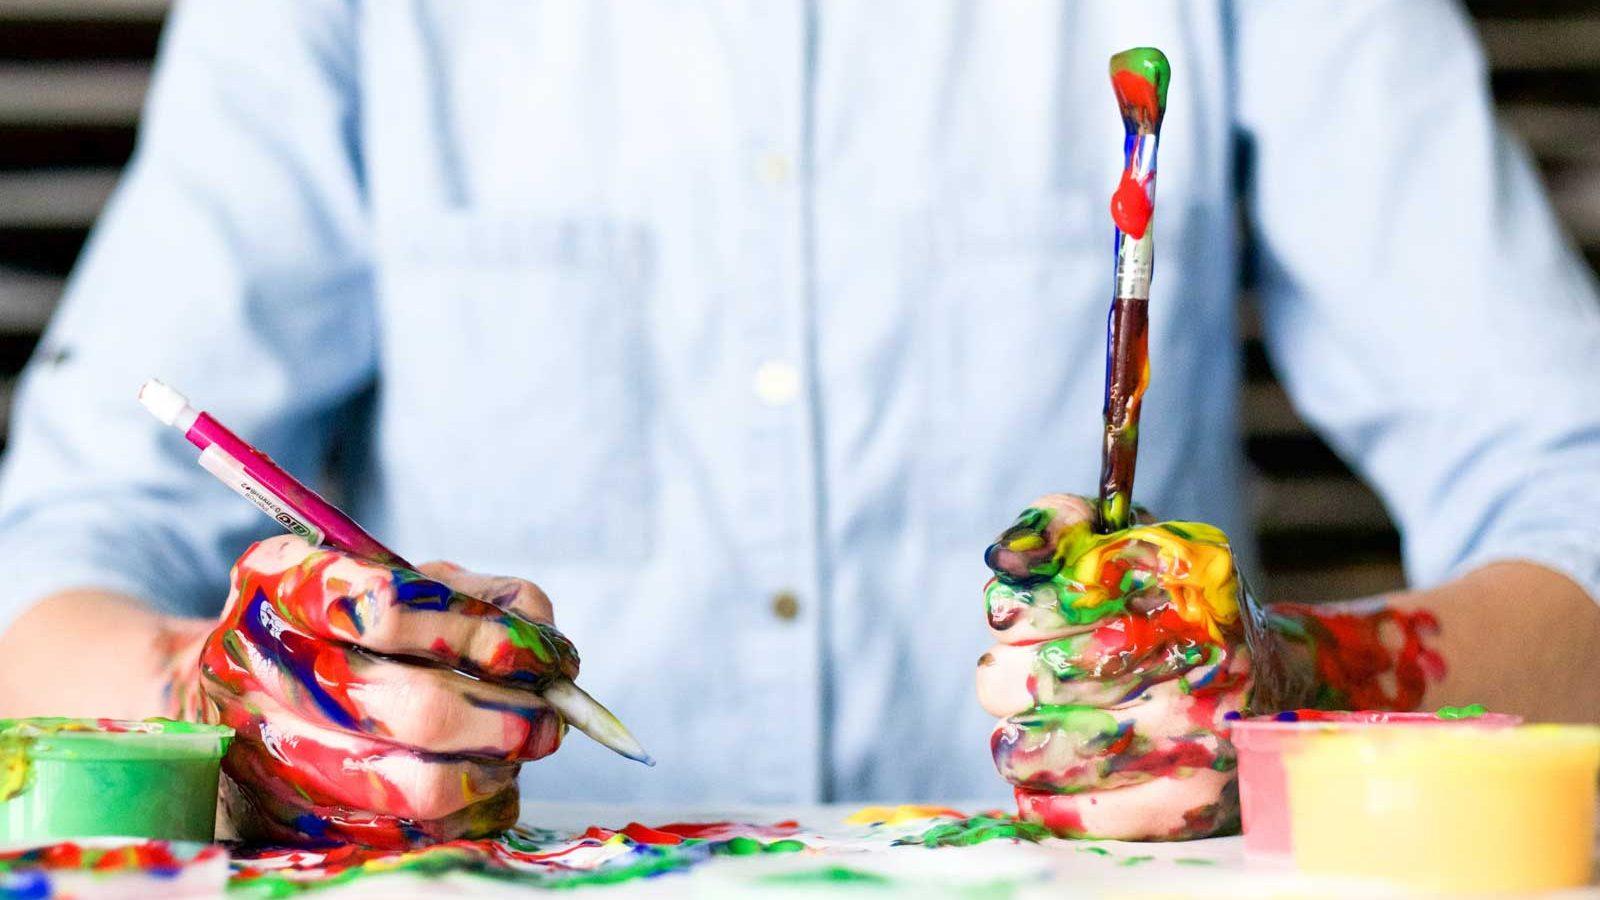 ateliers-creatifs-lesartisansduzen